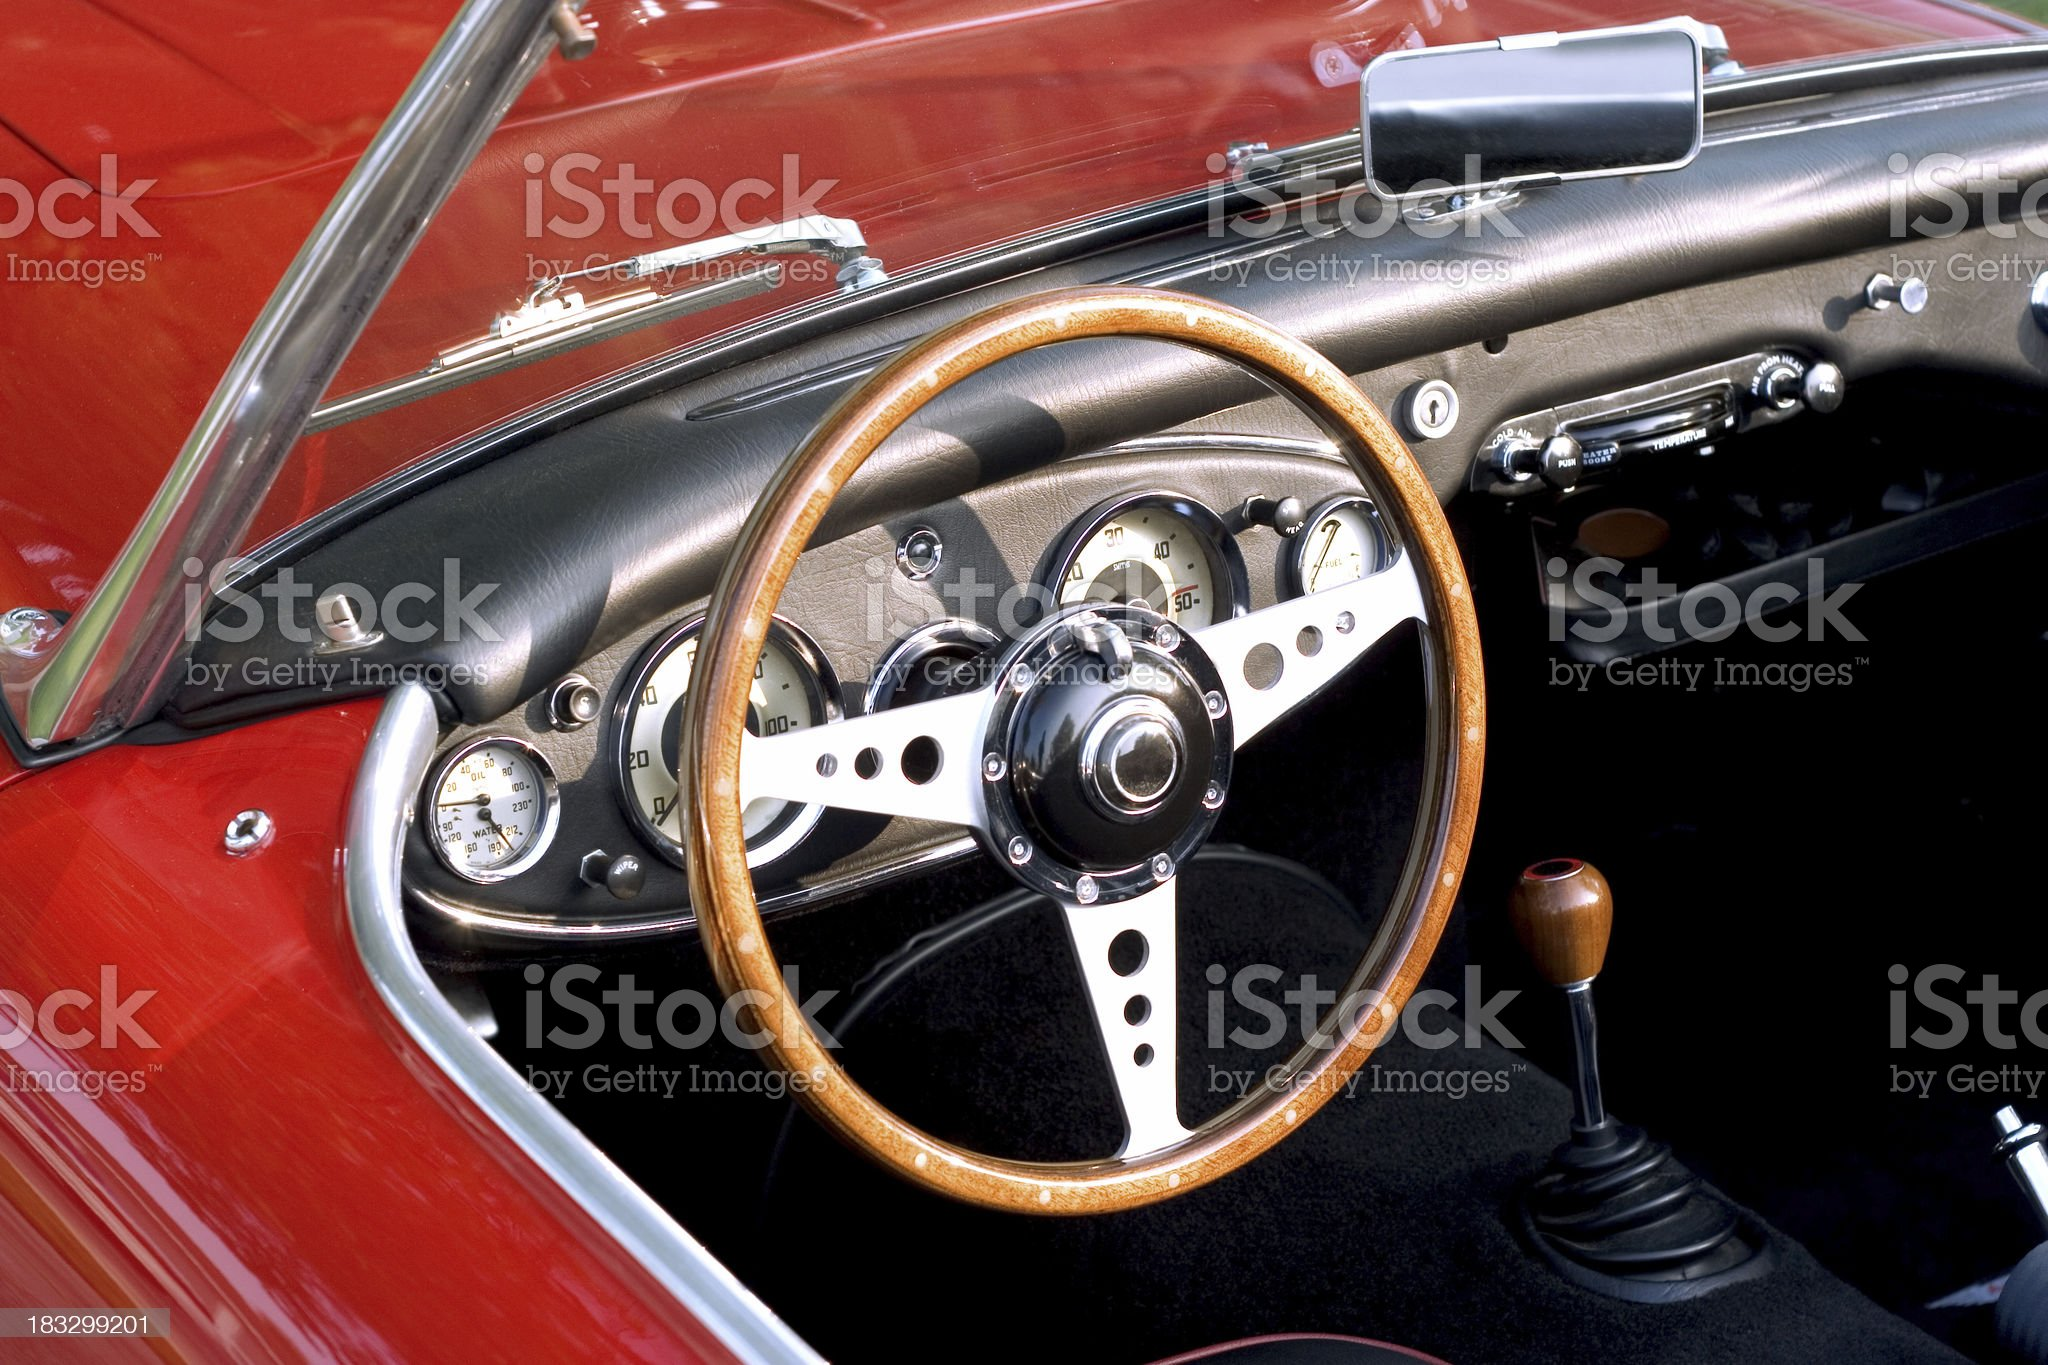 Retro Sports Car royalty-free stock photo